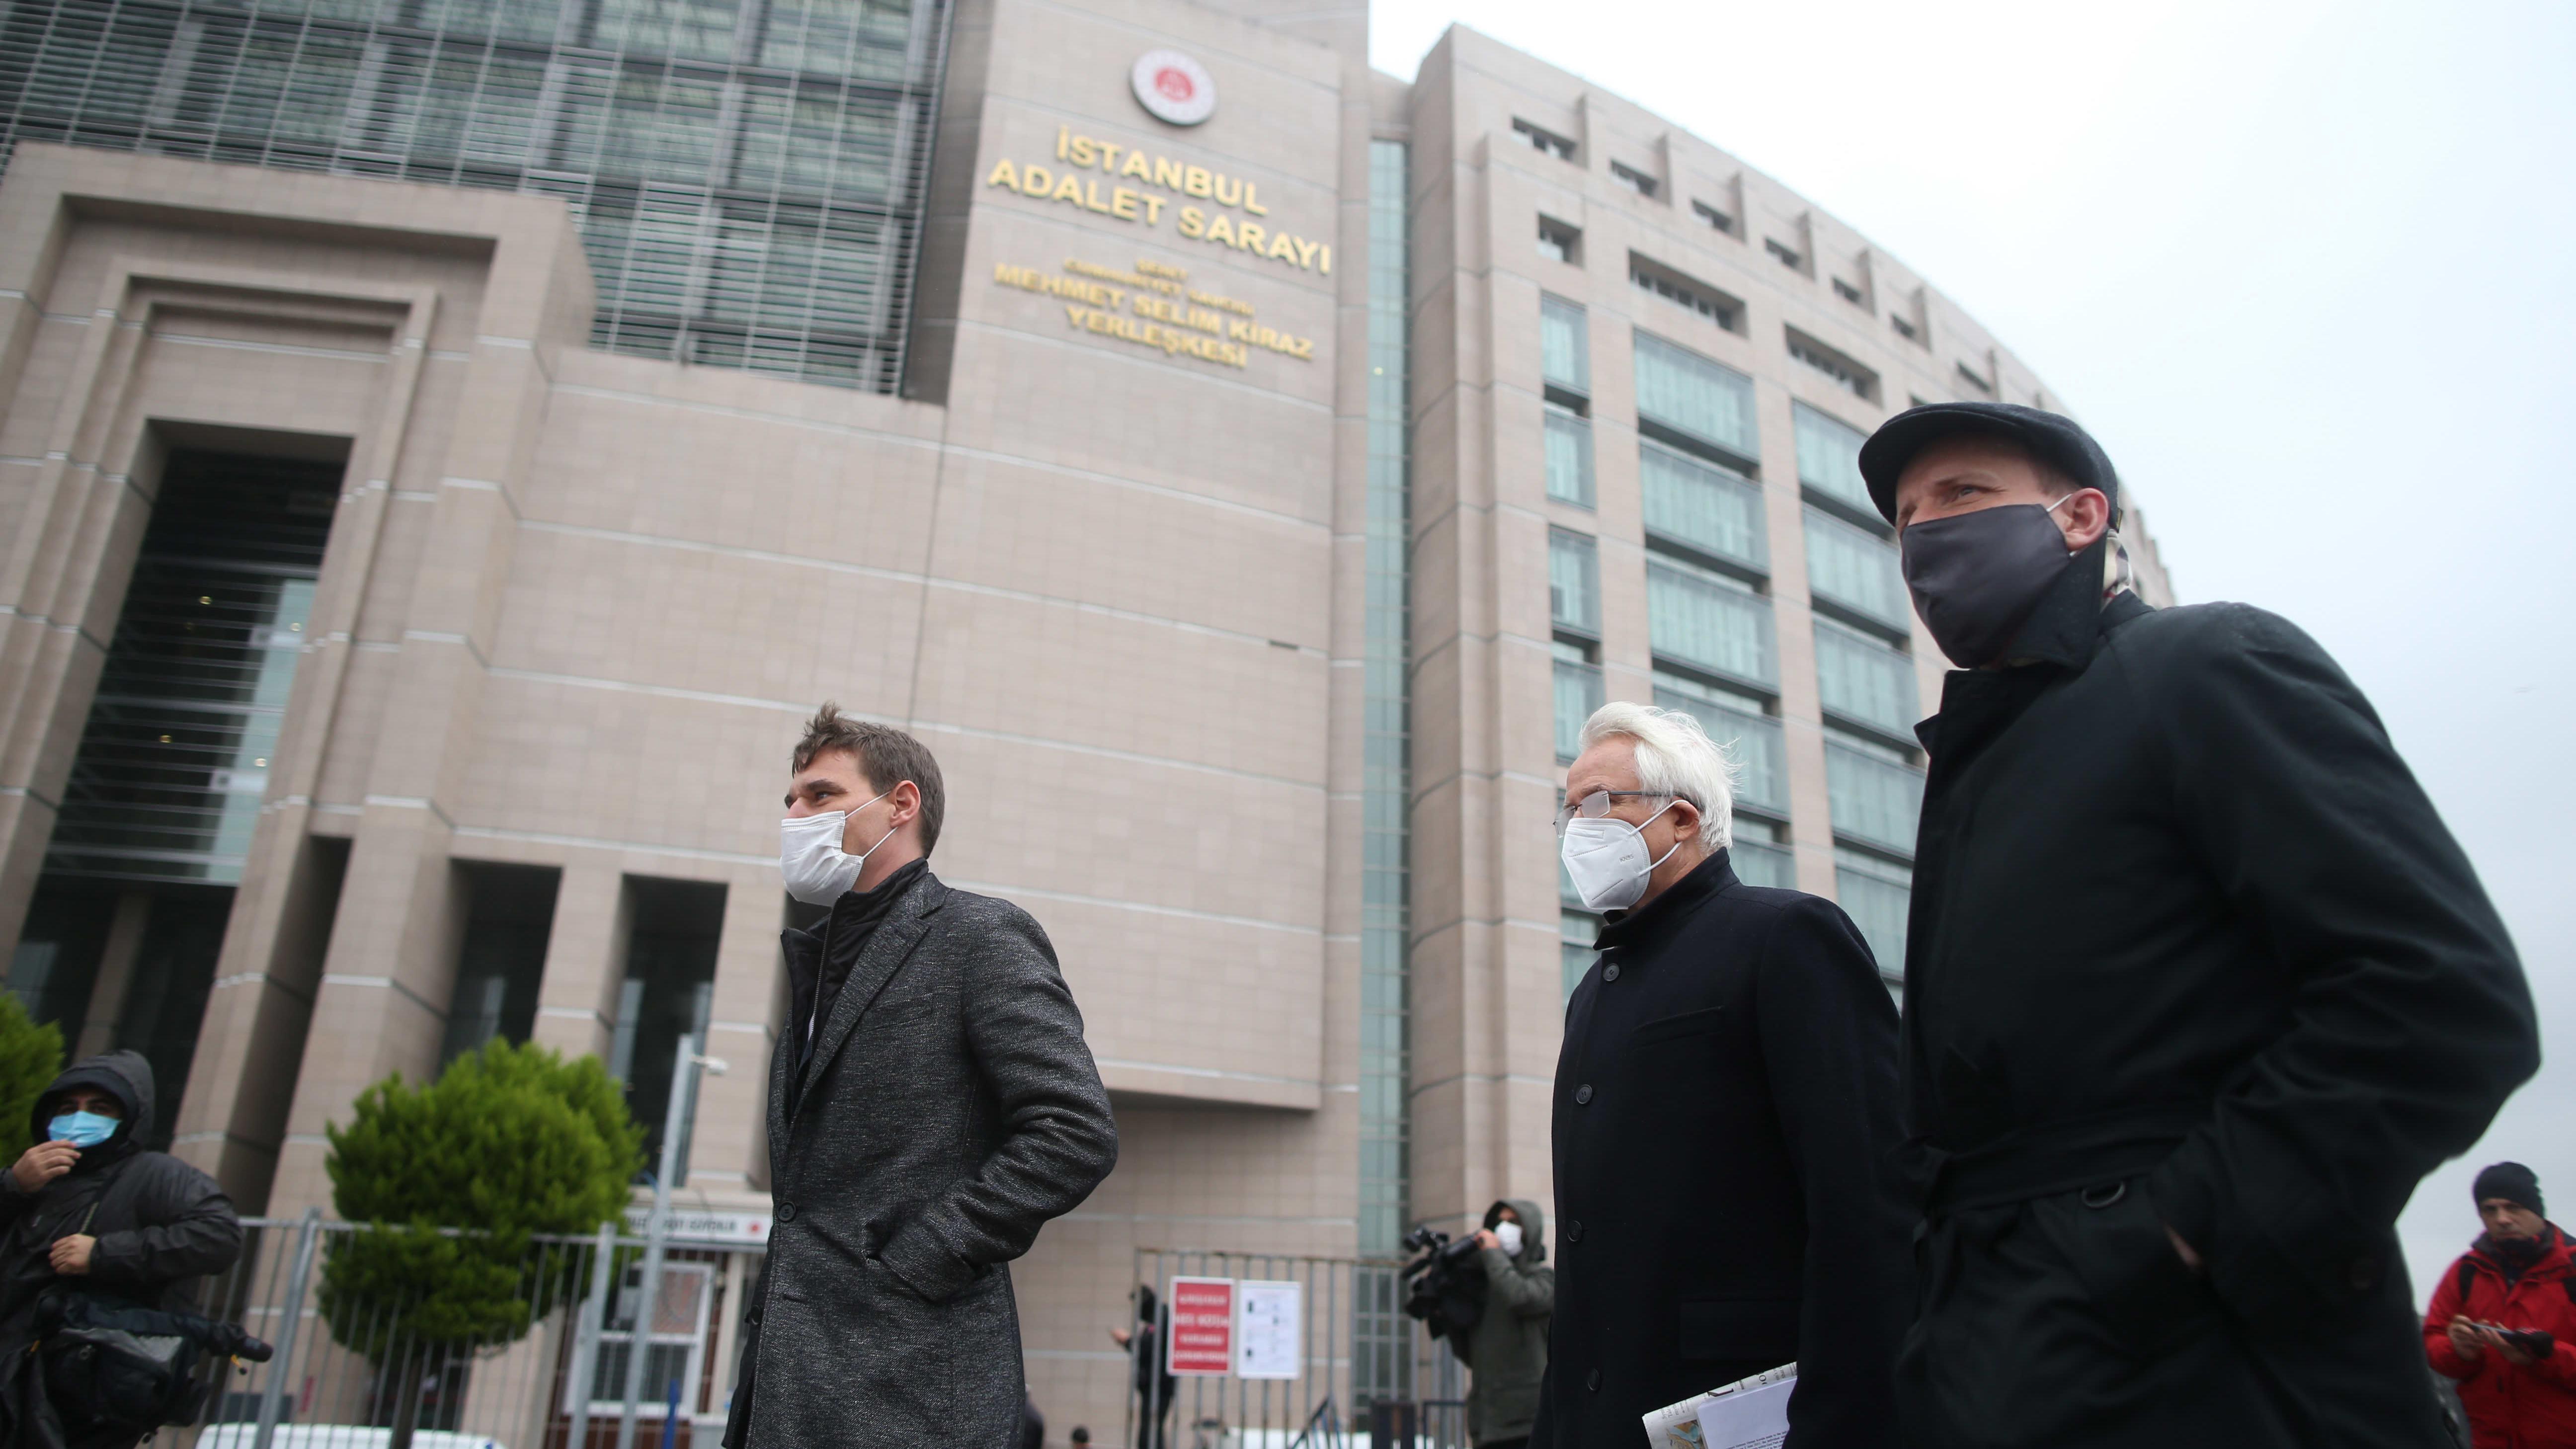 Eurooppalaisten suurlähetystöjen edustajia saapui seuraamaan Osman Kavalan oikeudenkäyntiä Istanbulissa joulukuussa 2020.